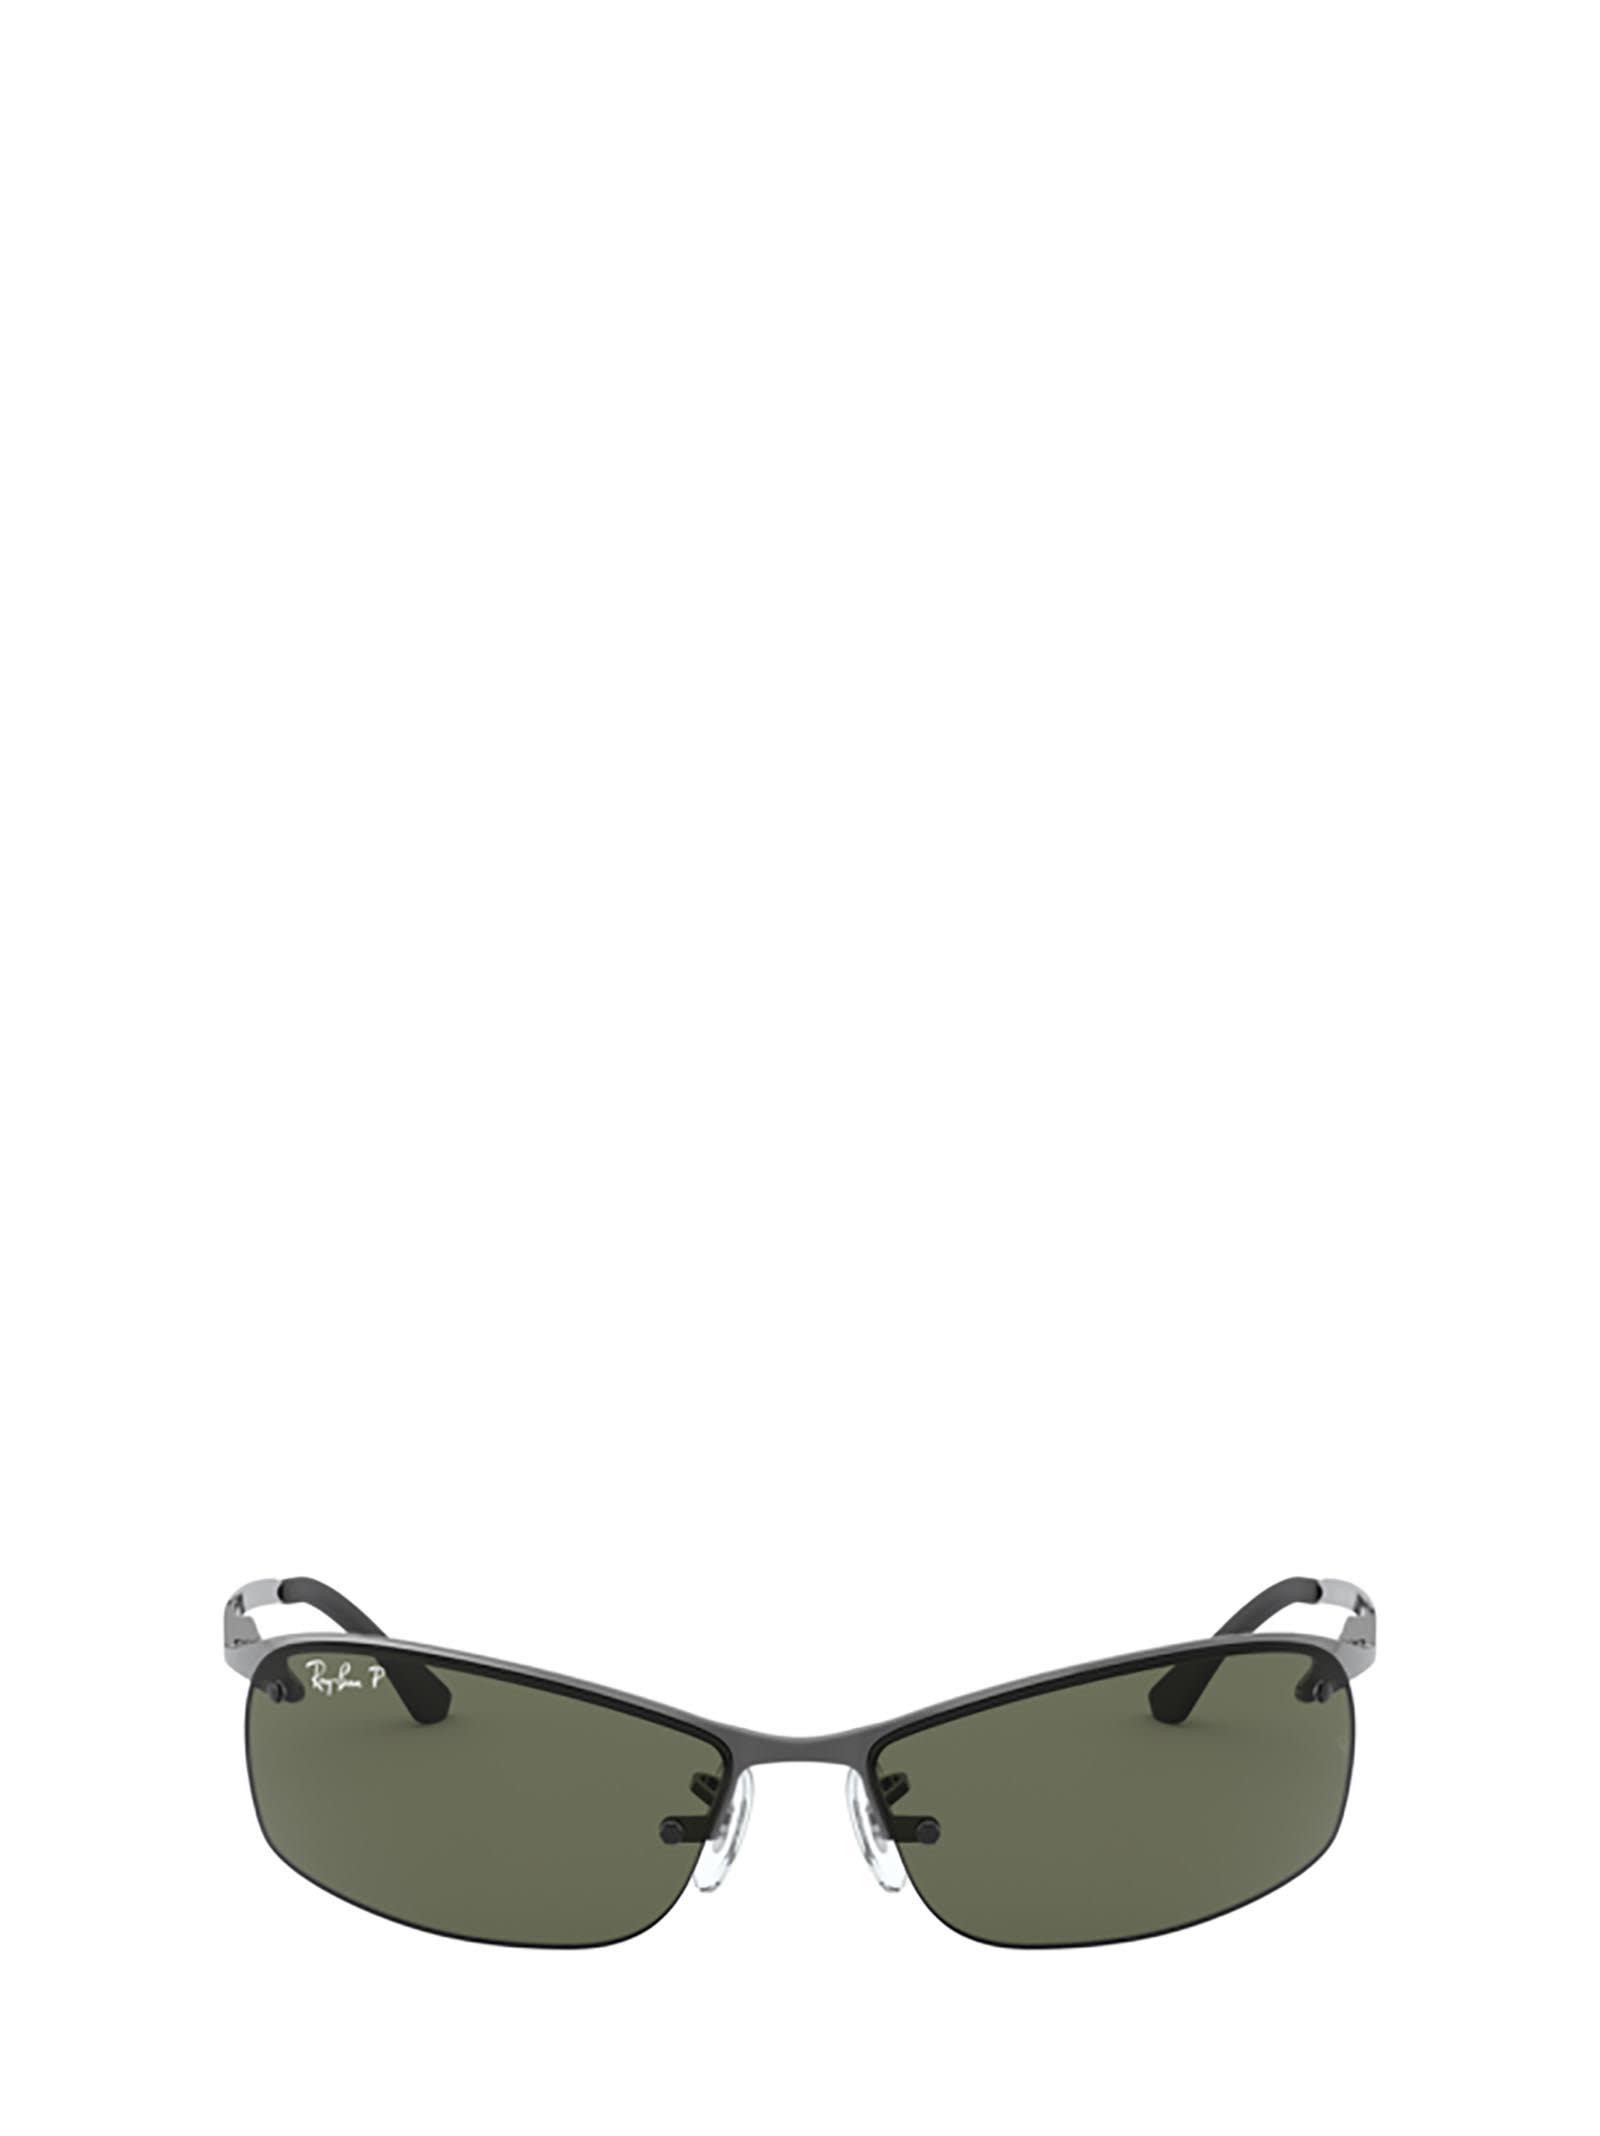 Ray-Ban Ray-ban Rb3183 Gunmetal Sunglasses